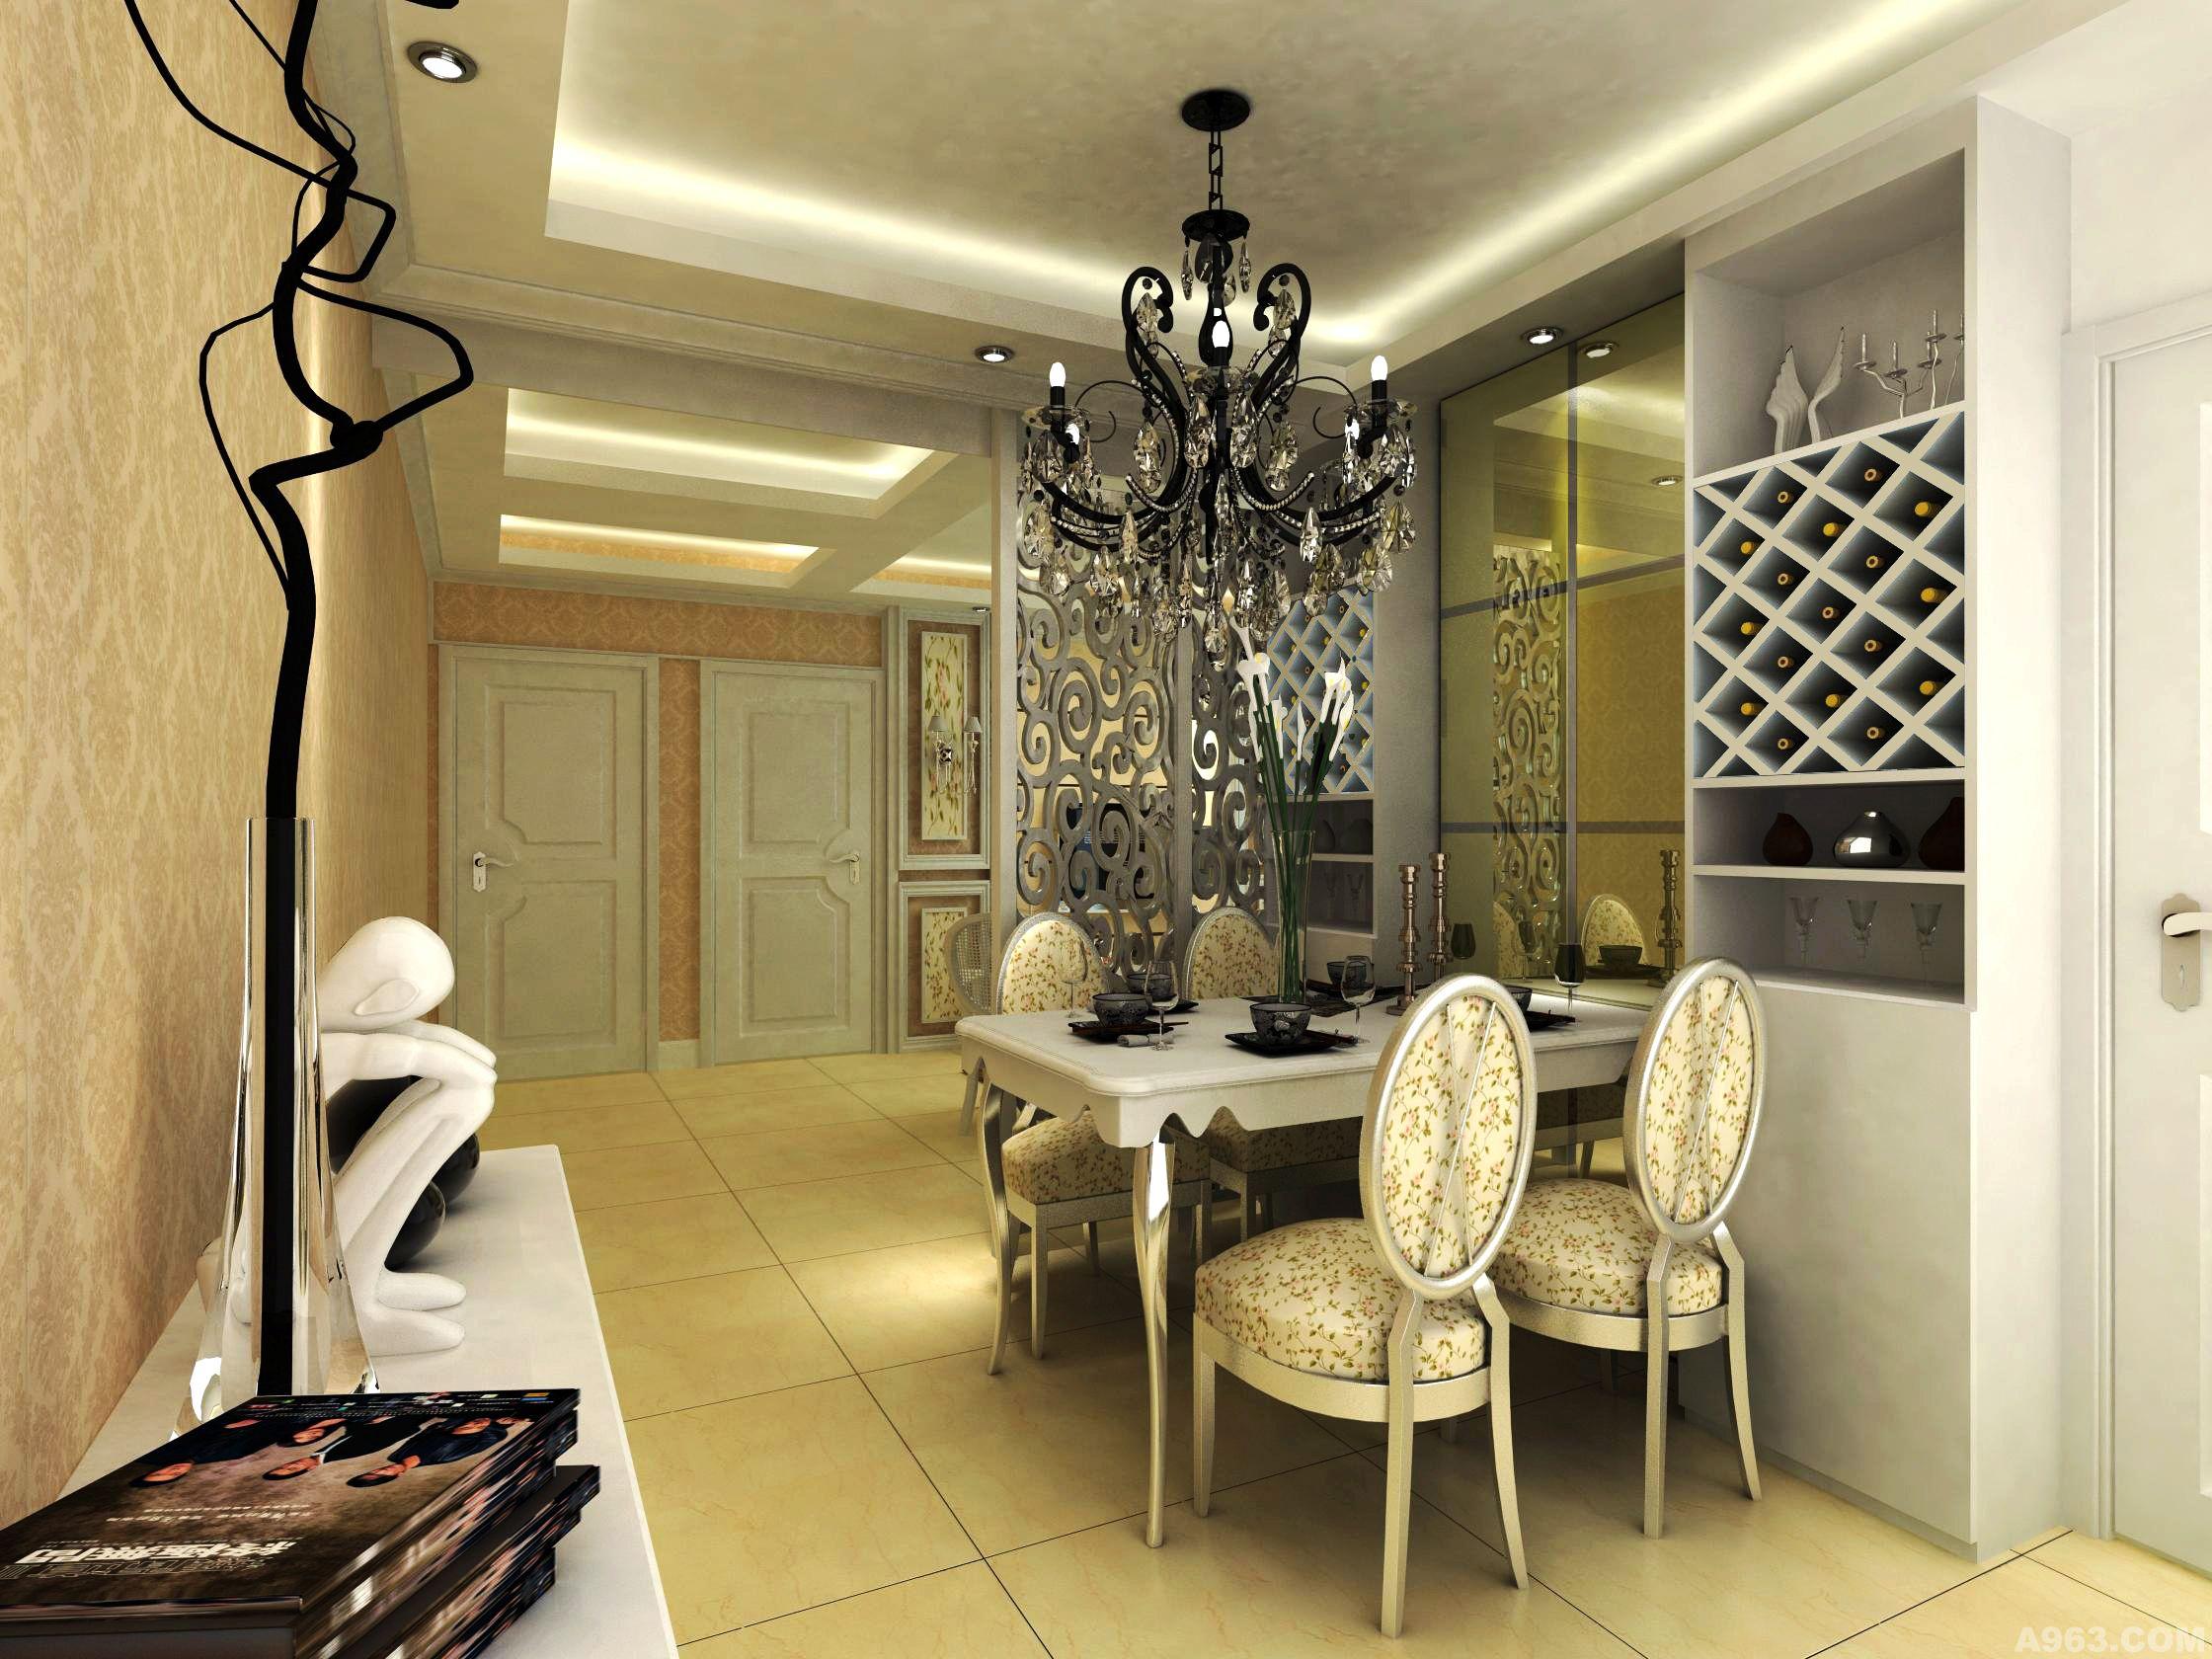 住宅空间 - 西安室内设计网